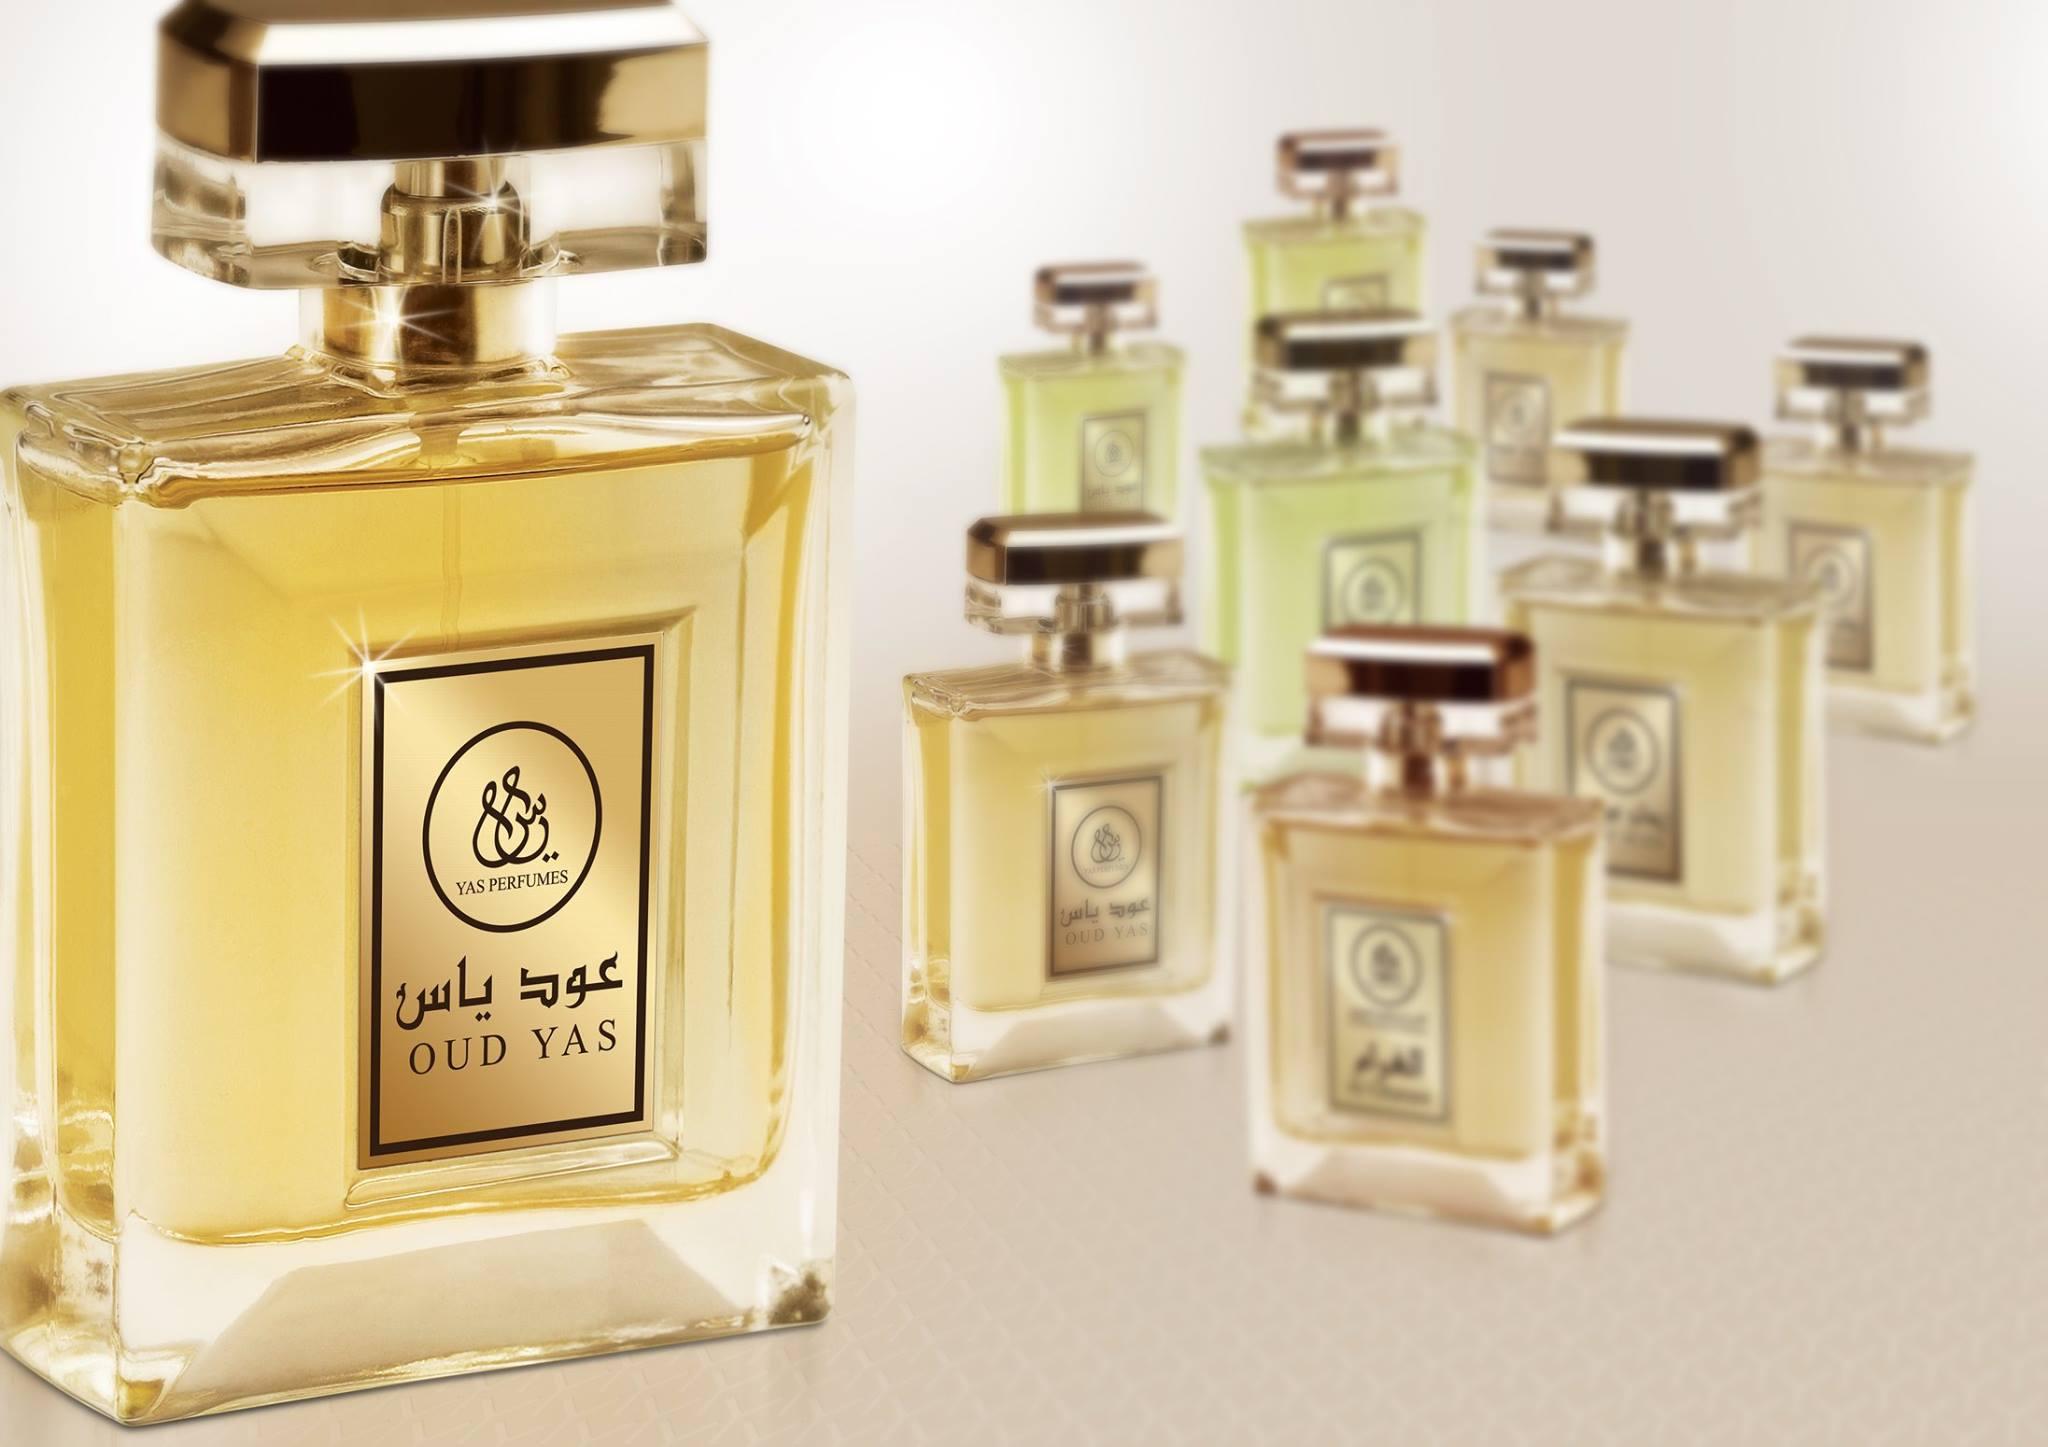 yas-perfume-wafi-mall-photo-1